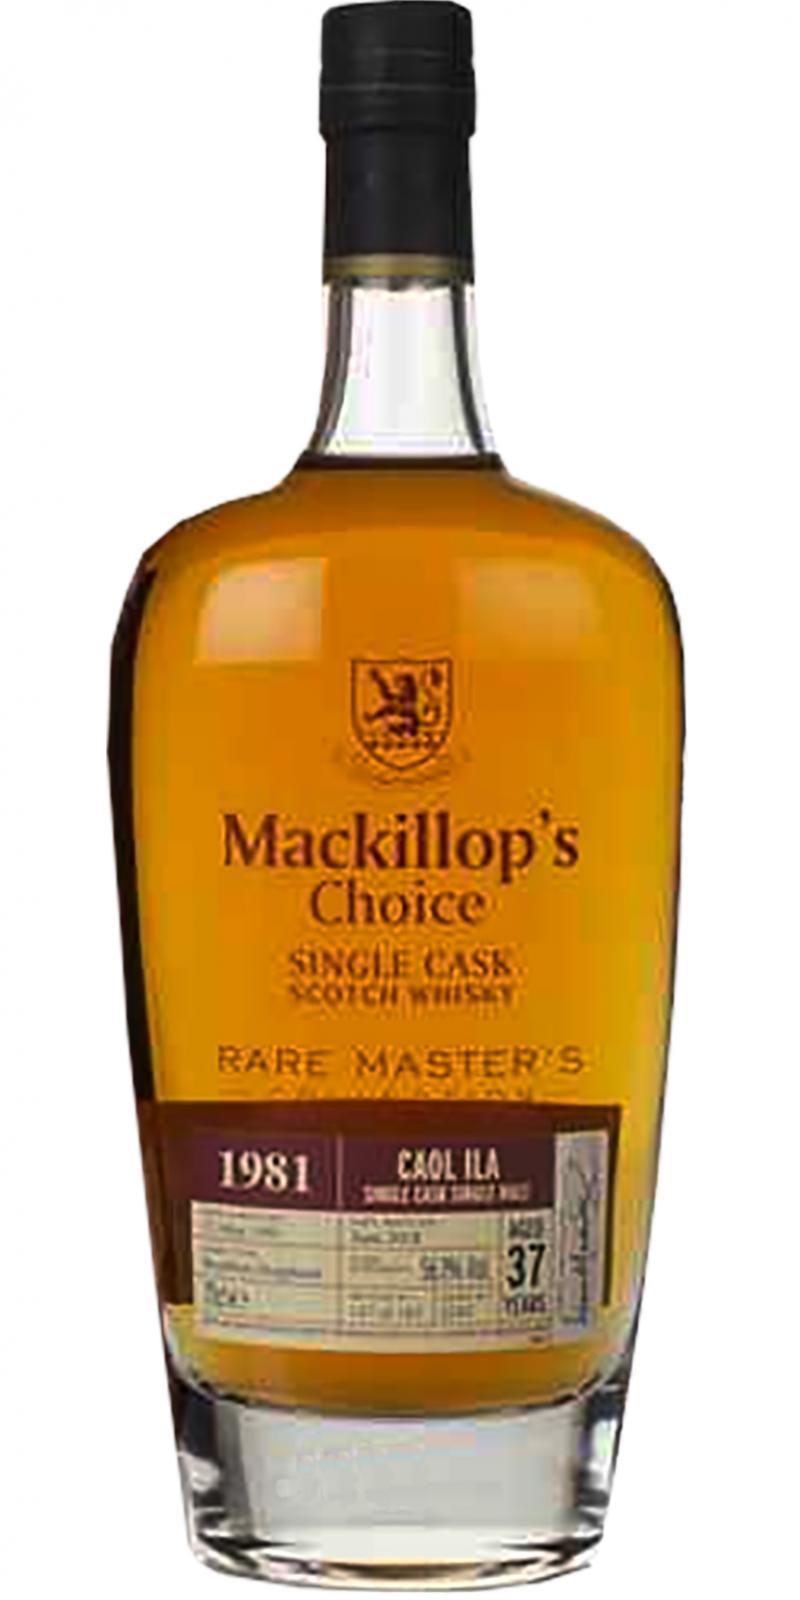 Caol Ila 1981 McC